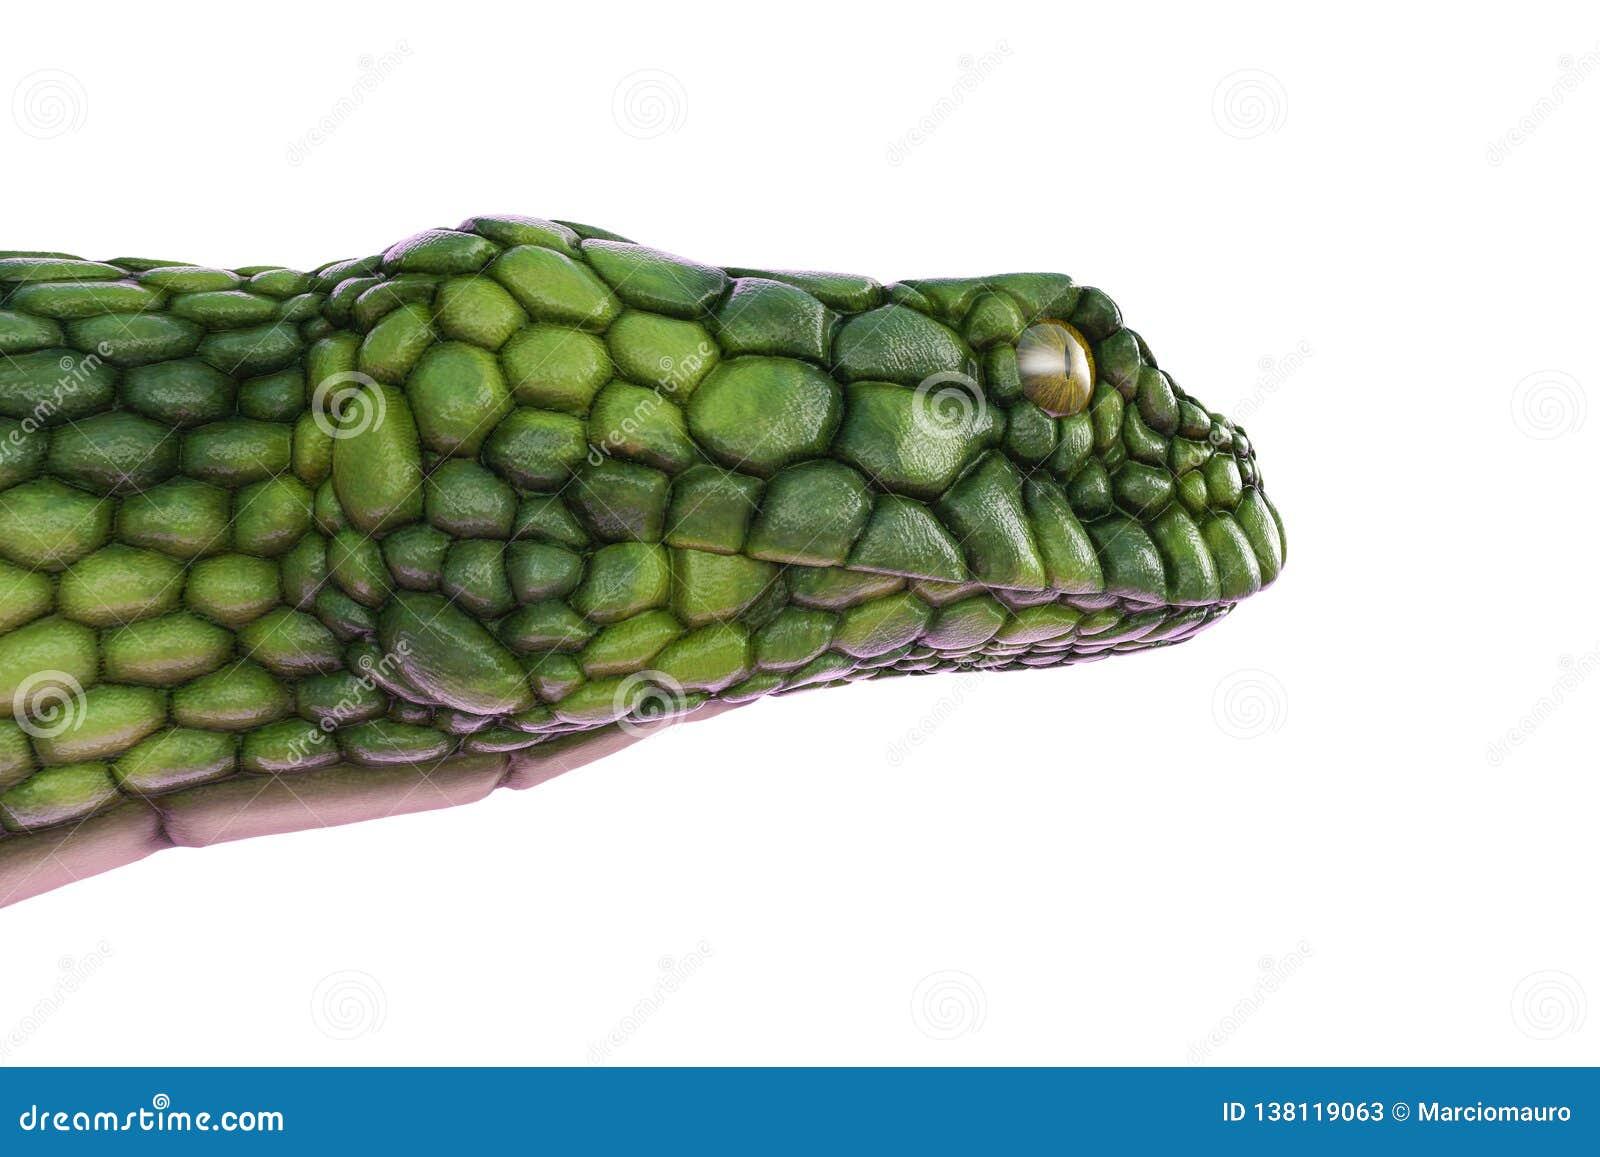 Serpente verde gigante em um fundo branco